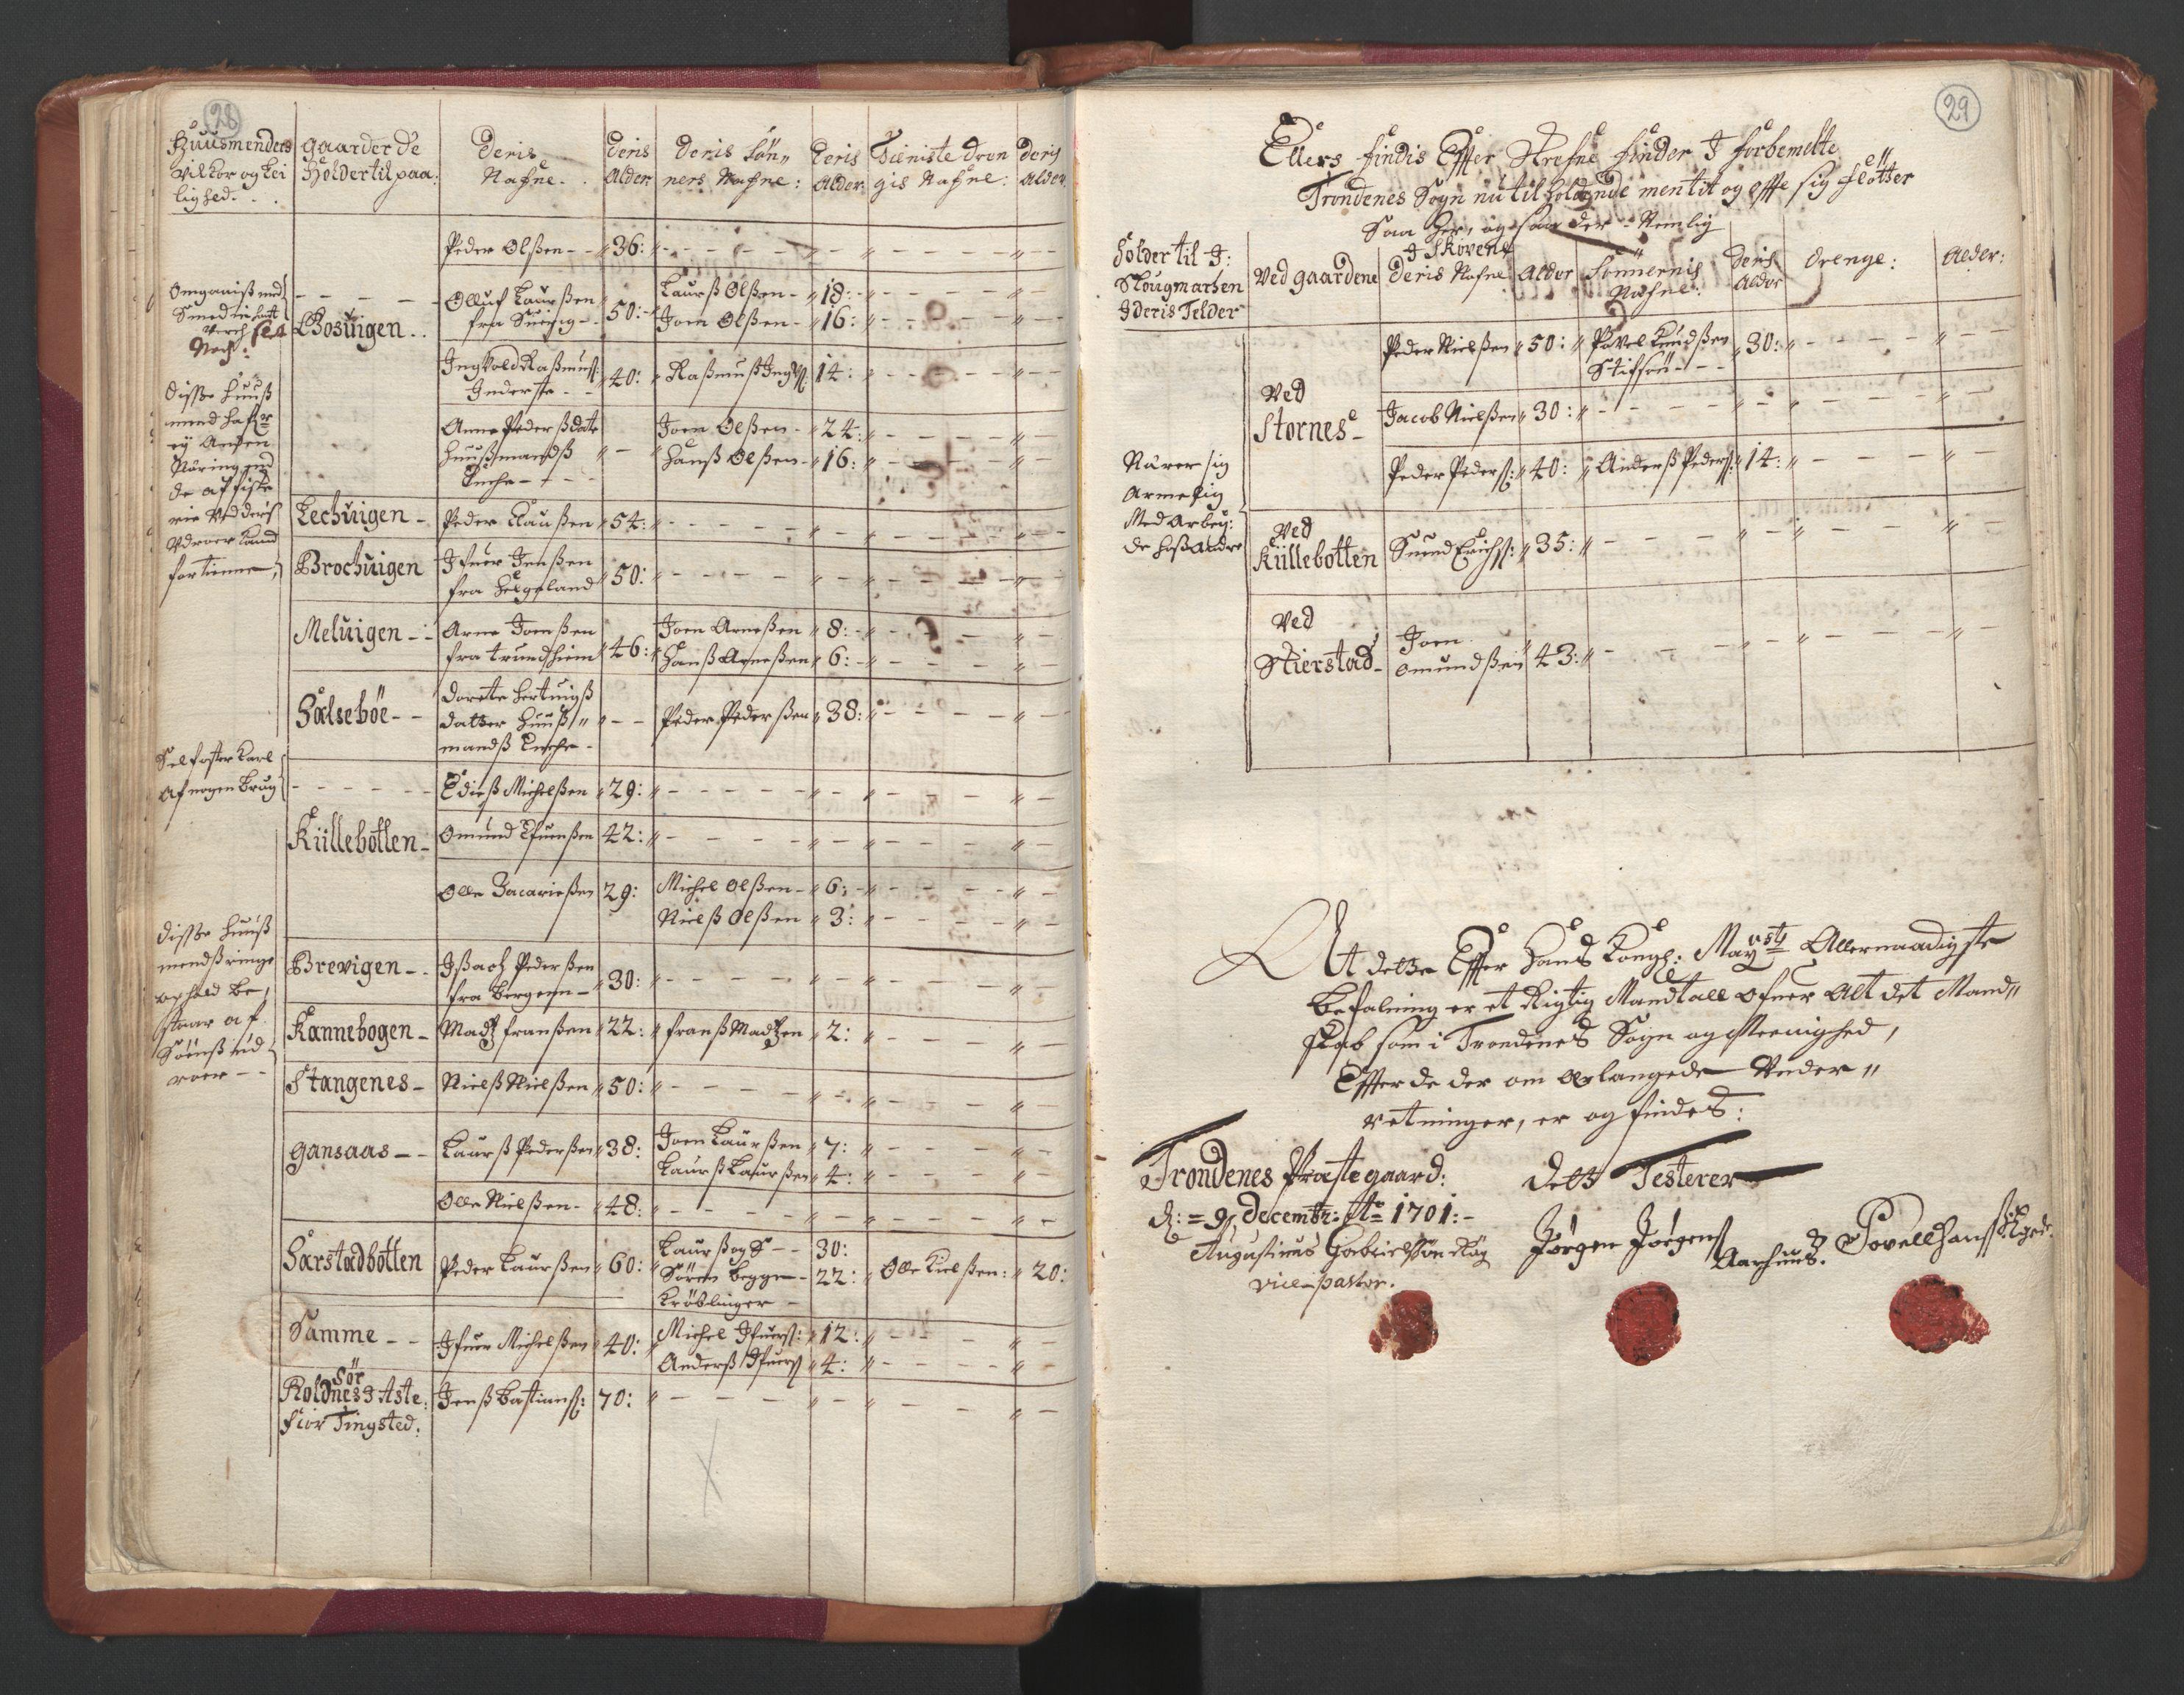 RA, Manntallet 1701, nr. 19: Senja og Tromsø fogderi, 1701, s. 28-29